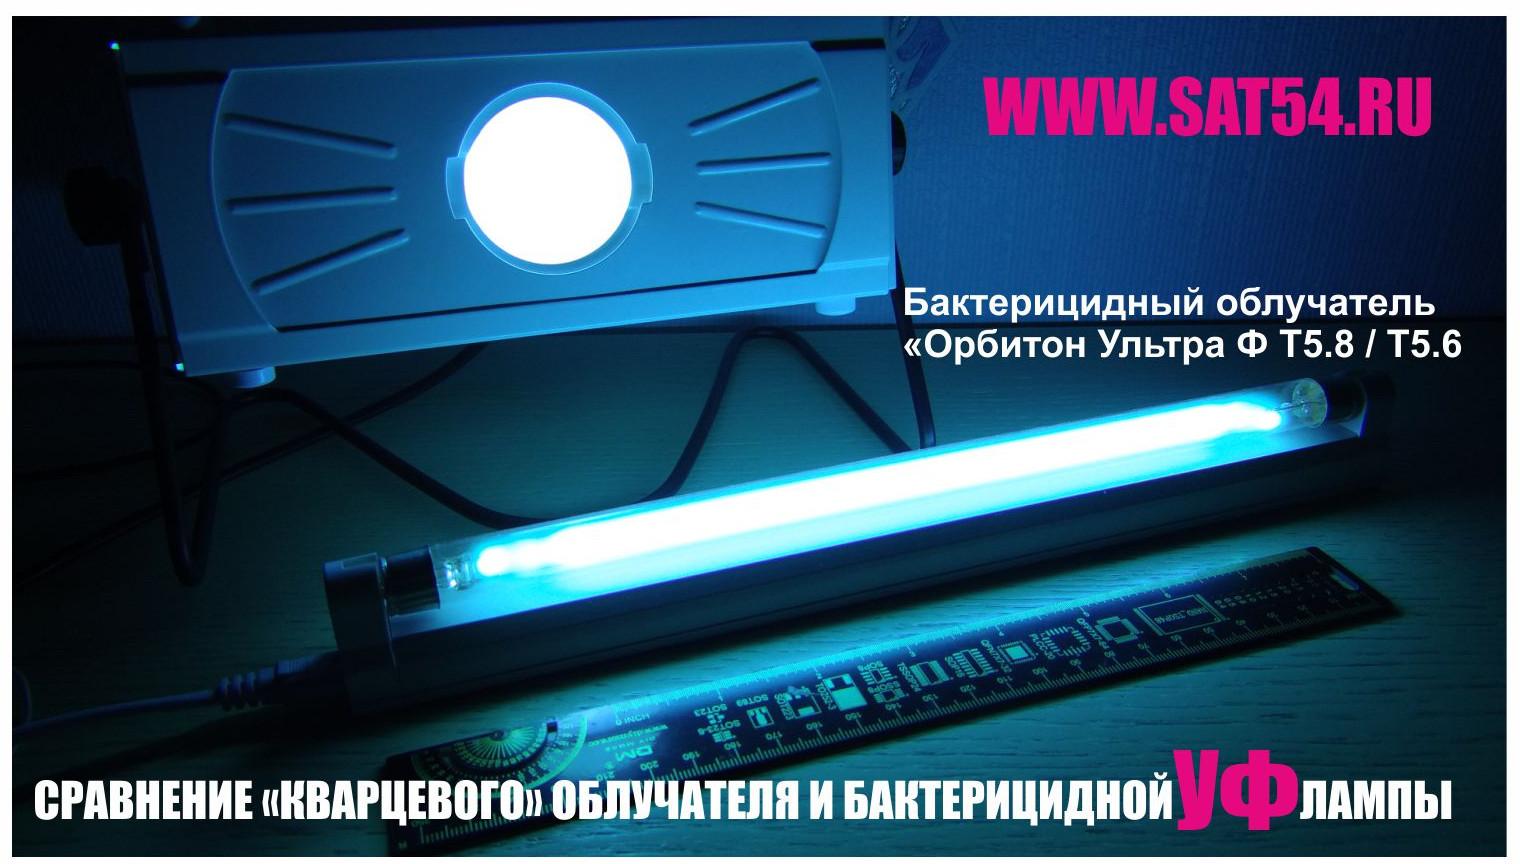 """Сравнение диаграмм направленности и световых потоков бактерицидного облучателя Orbiton Ультра Ф-58 и классического кварцевого облучателя типа """"Слонышко"""", """"Катунь"""" и ОУФК-1 /ОУФК-4. Как вы видите из фотографии - УФ облучатель Орбитон Ультра Т58 выигрывает в площади освещенности, соответственно и бактерицидный эффект от него будет значительно выше."""